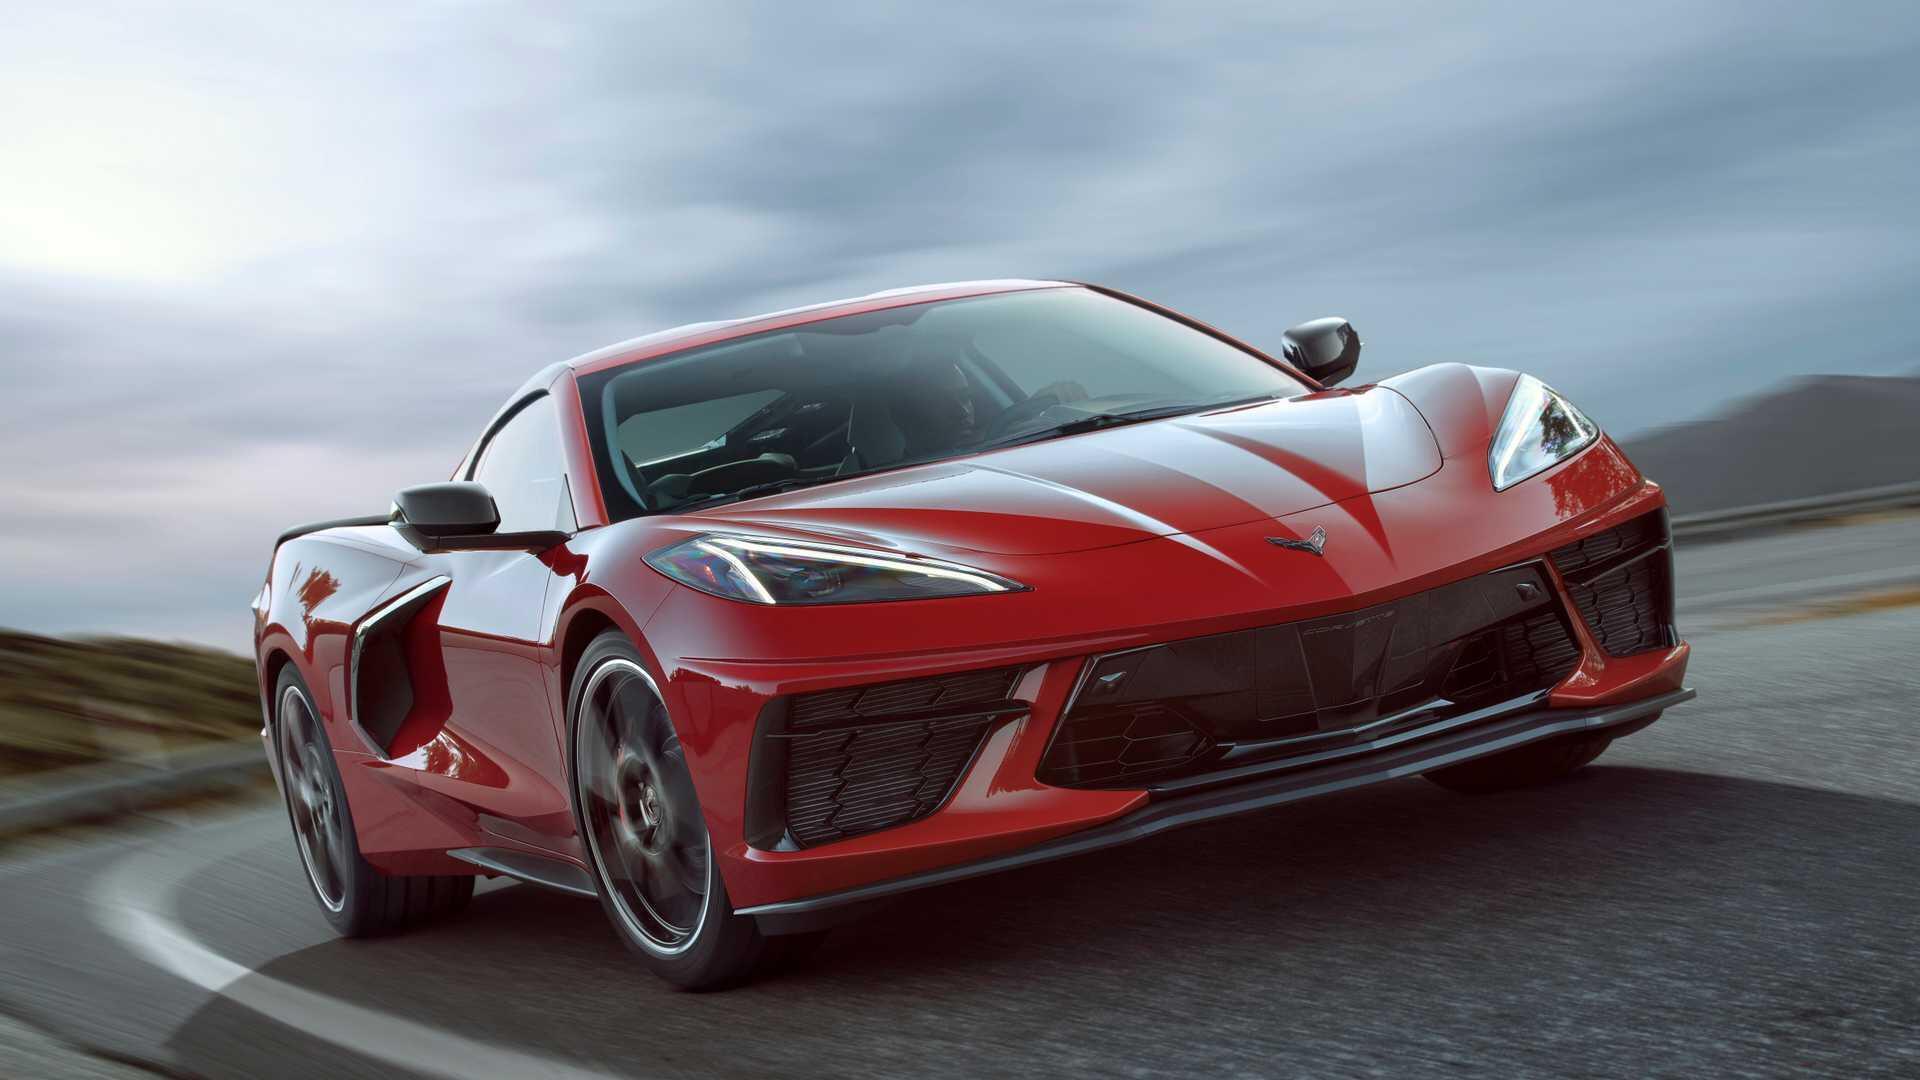 https://cdn.dailyxe.com.vn/image/chevrolet-corvette-2020-co-mot-so-tinh-nang-an-tuyet-voi-37-94542j2.jpg